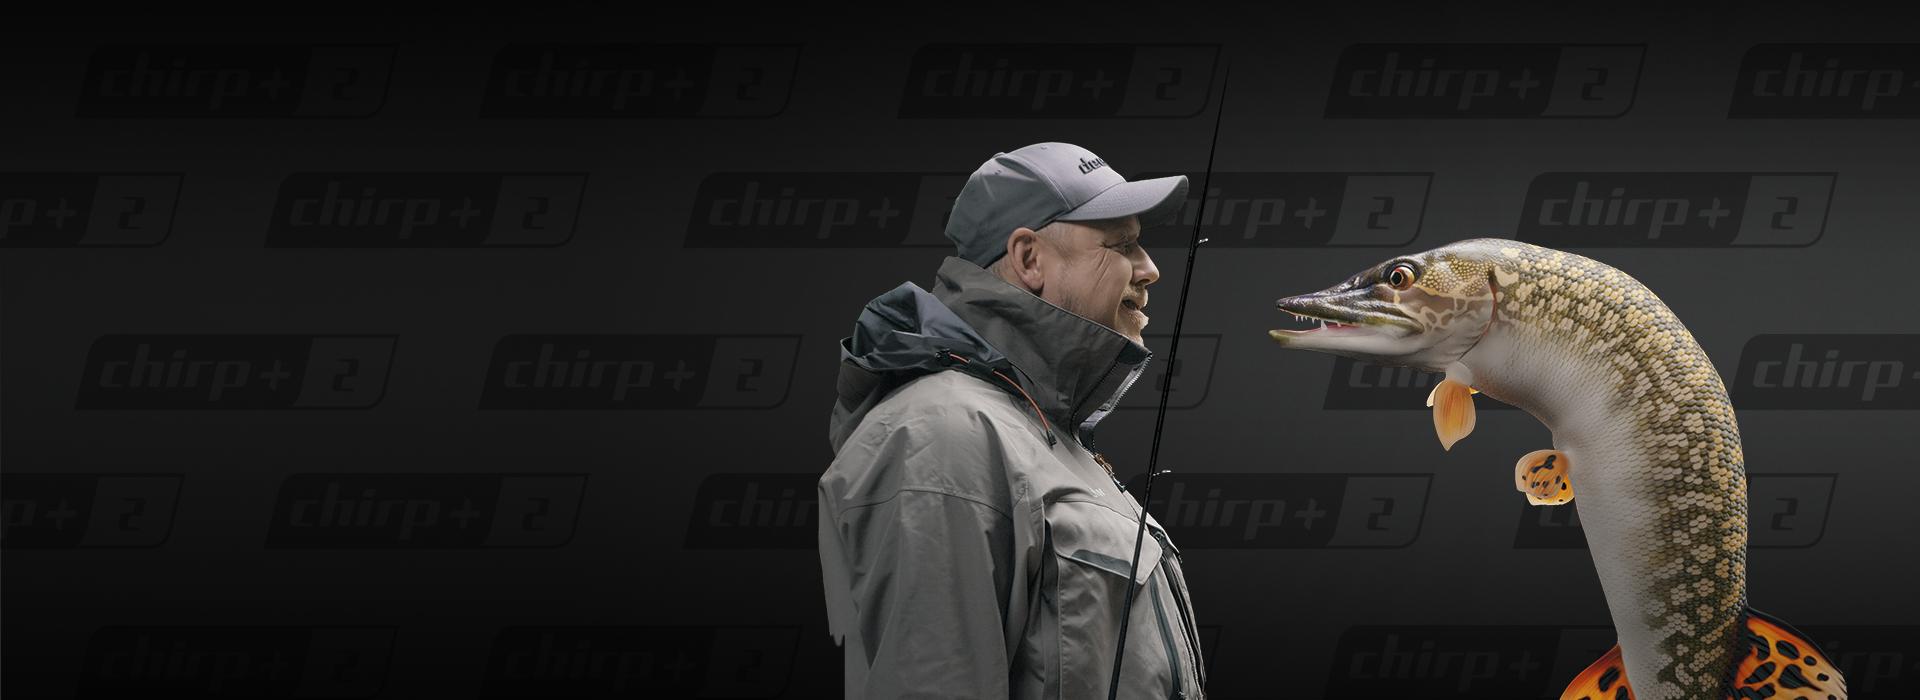 Ei suuda kaladega kohtumist ära oodata?Tehke see uue CHIRP+ 2 abil teoks!